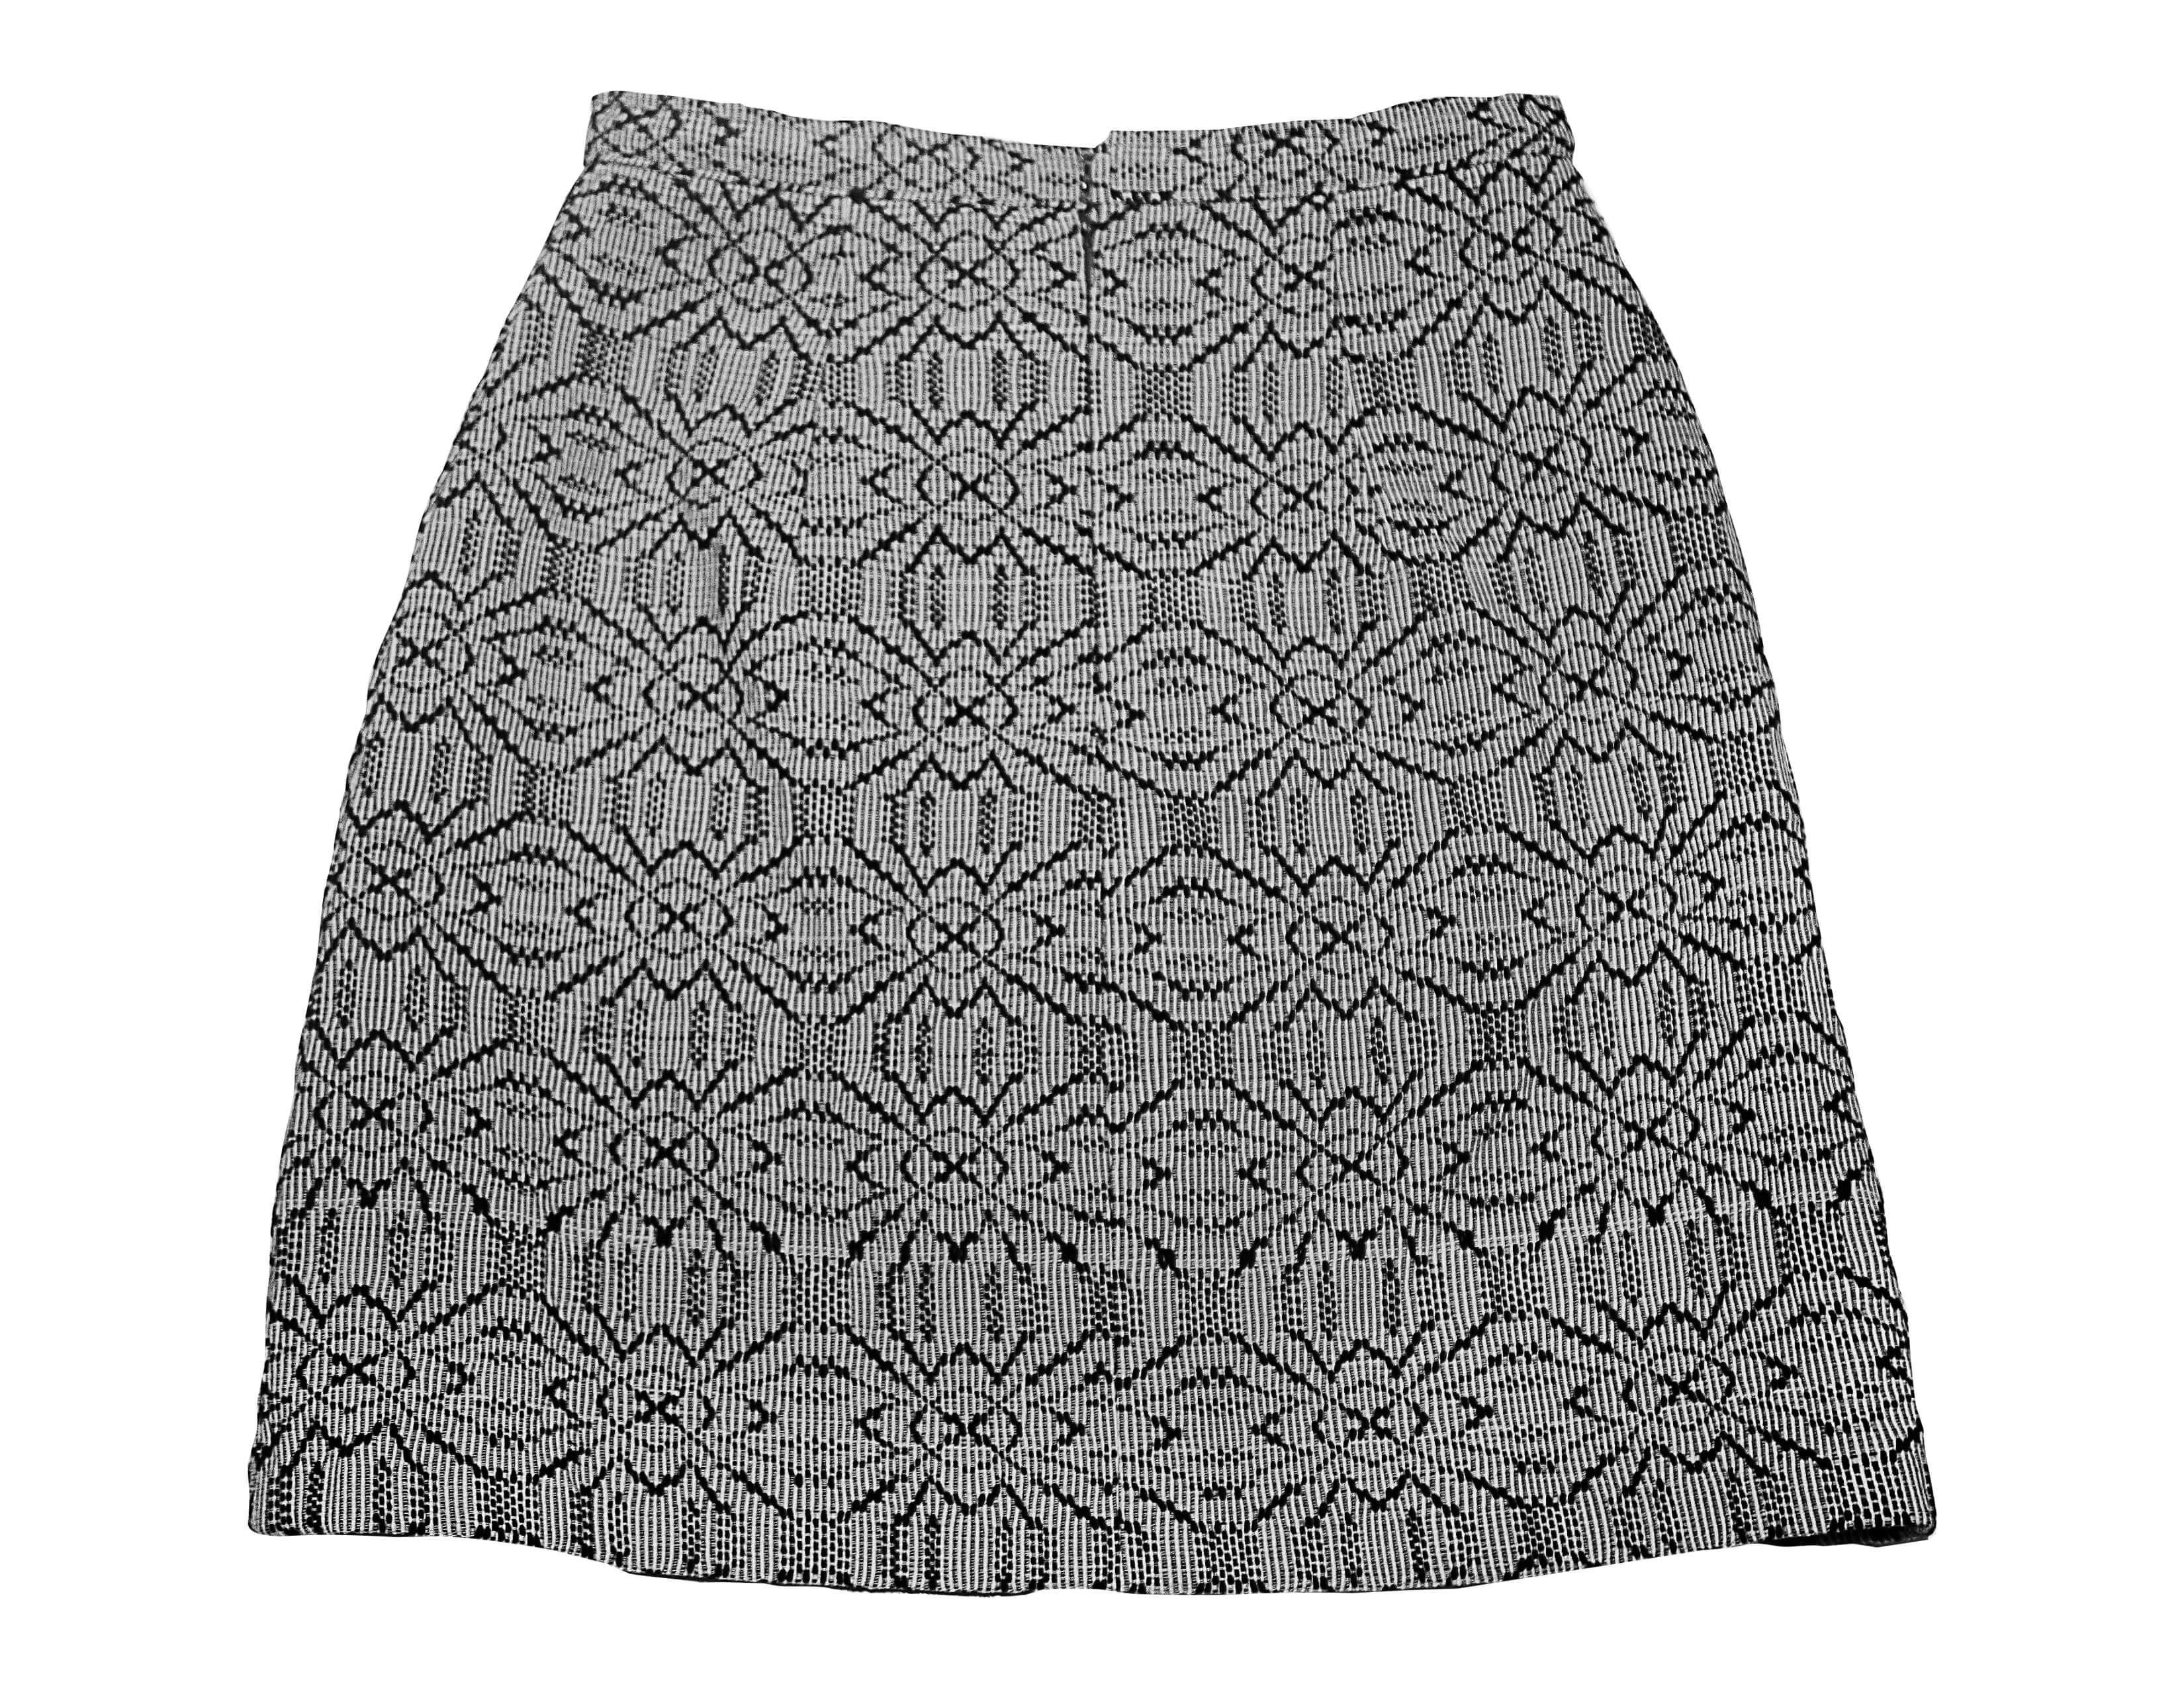 Skirt 1   back